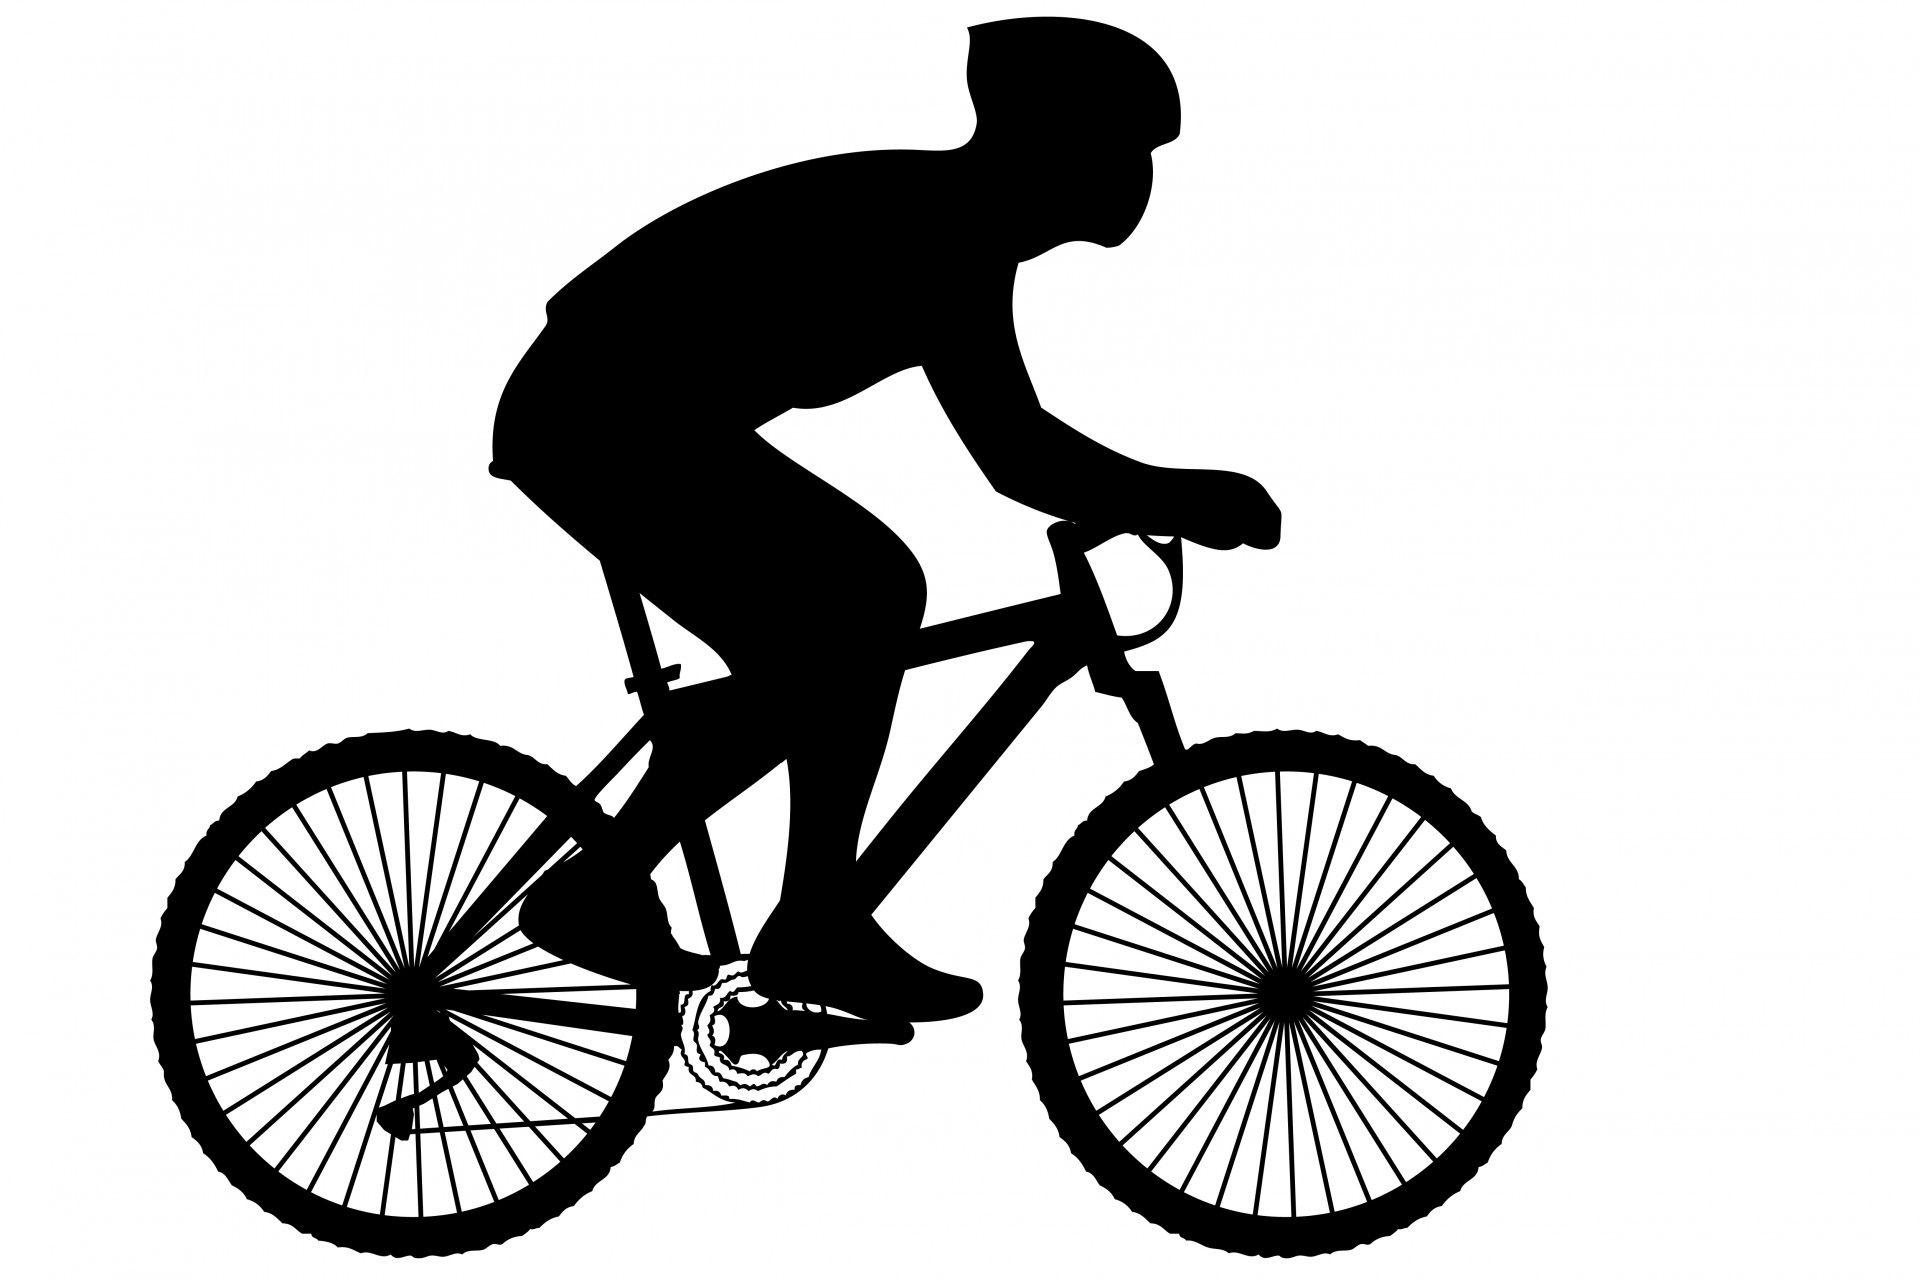 मेयर साइकल दौड'को उपाधि वालिङका मेयर खाँडलाई